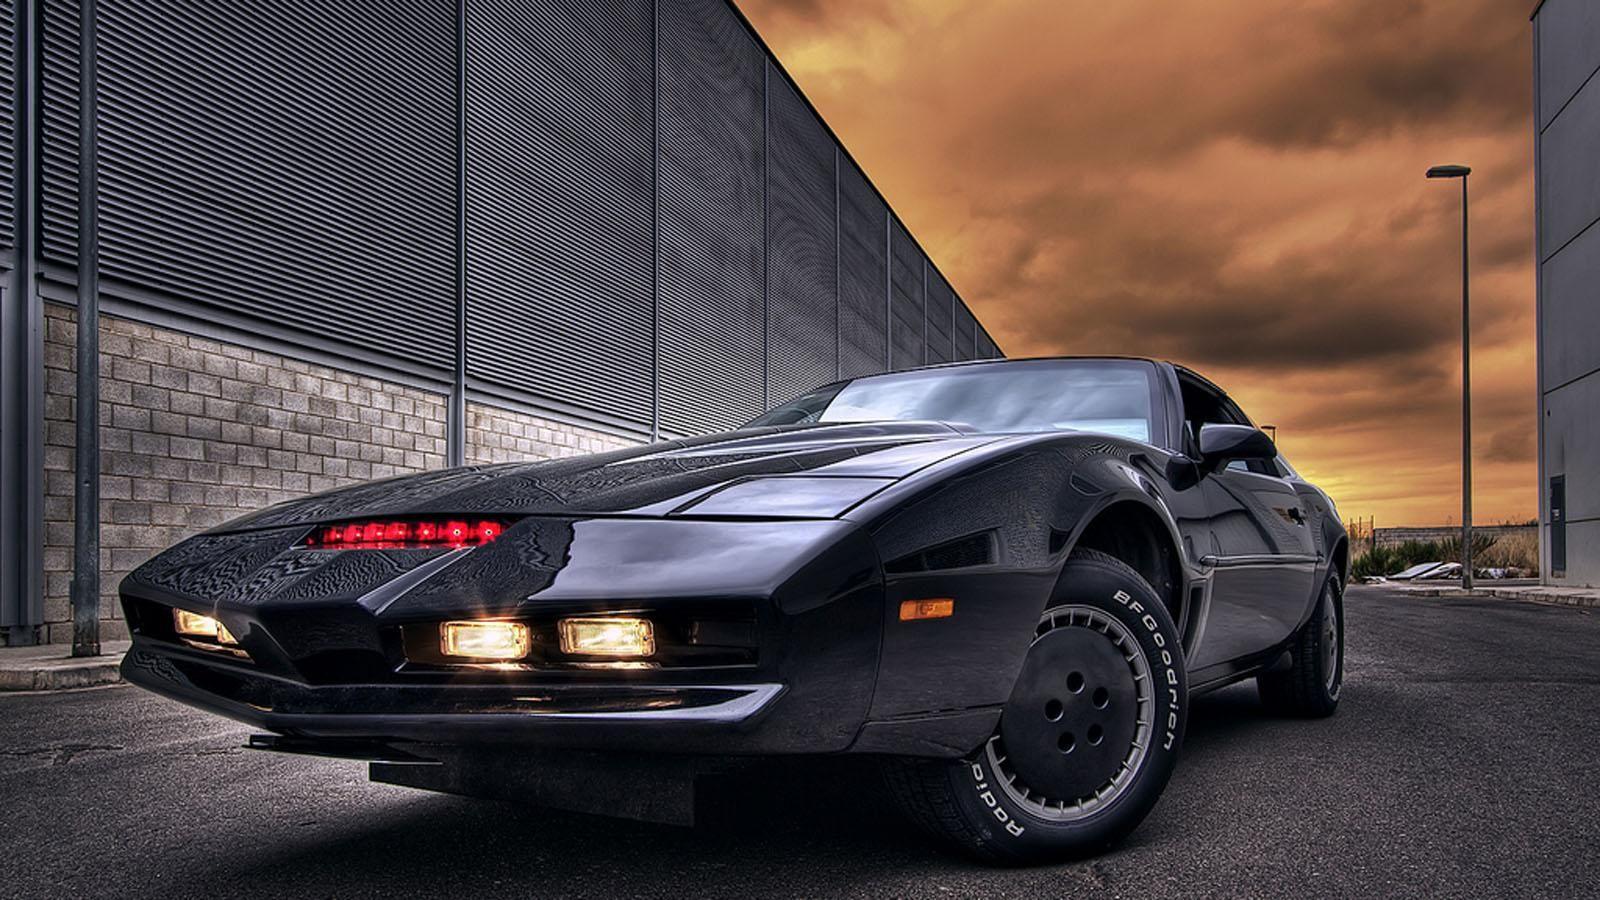 El Auto Fantástico U201d Regresará A Través De Una Serie Digital Knight Rider Rider Knight